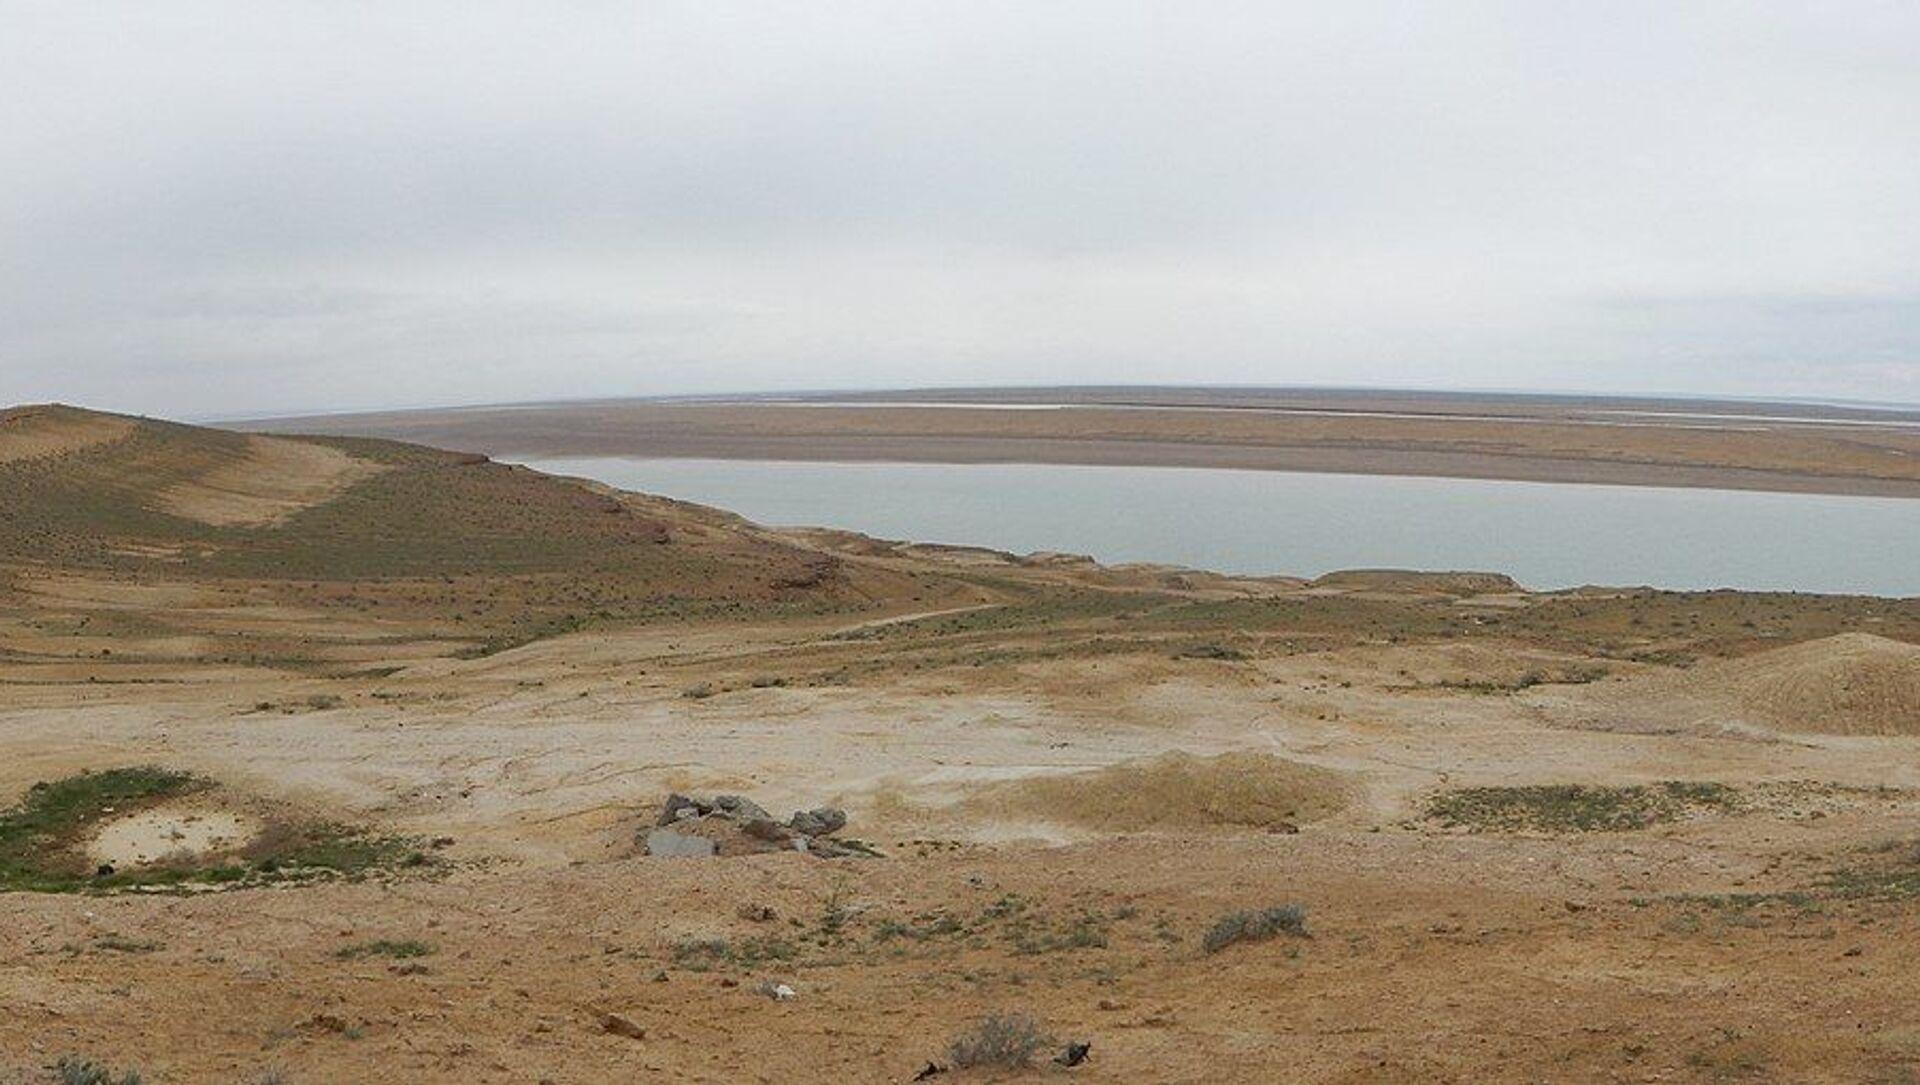 Fleuve Amou-Daria qui sert partiellement de frontière entre l'Afghanistan et l'Ouzbékistan - Sputnik France, 1920, 16.08.2021